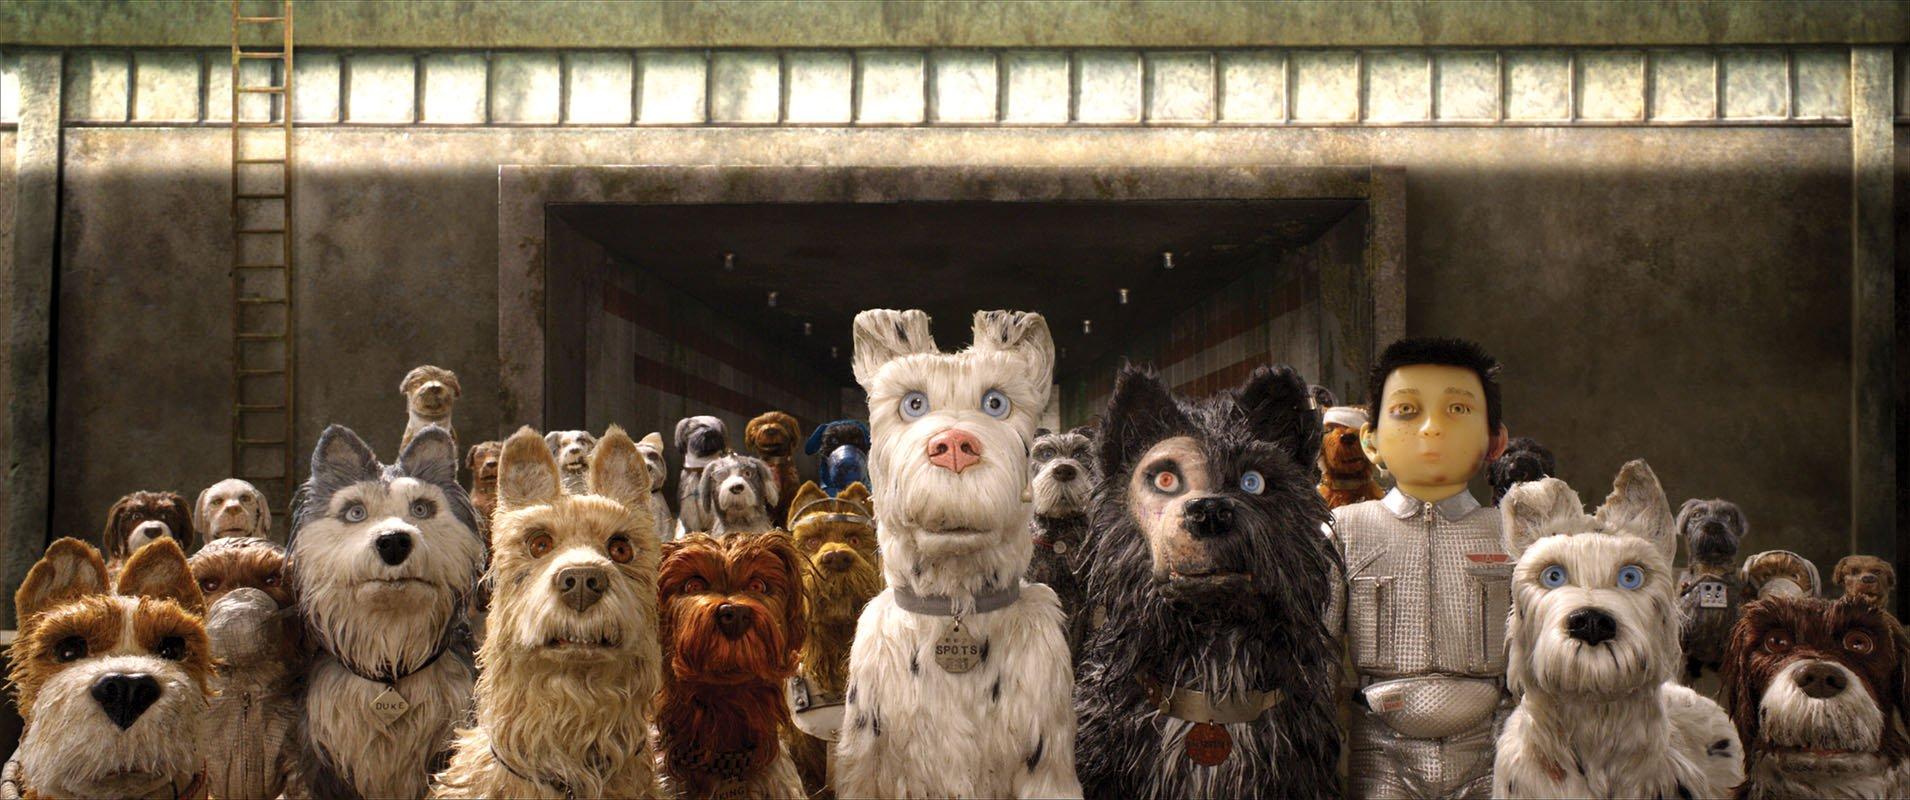 Ilha dos Cachorros: Animação que Encanta e Instiga